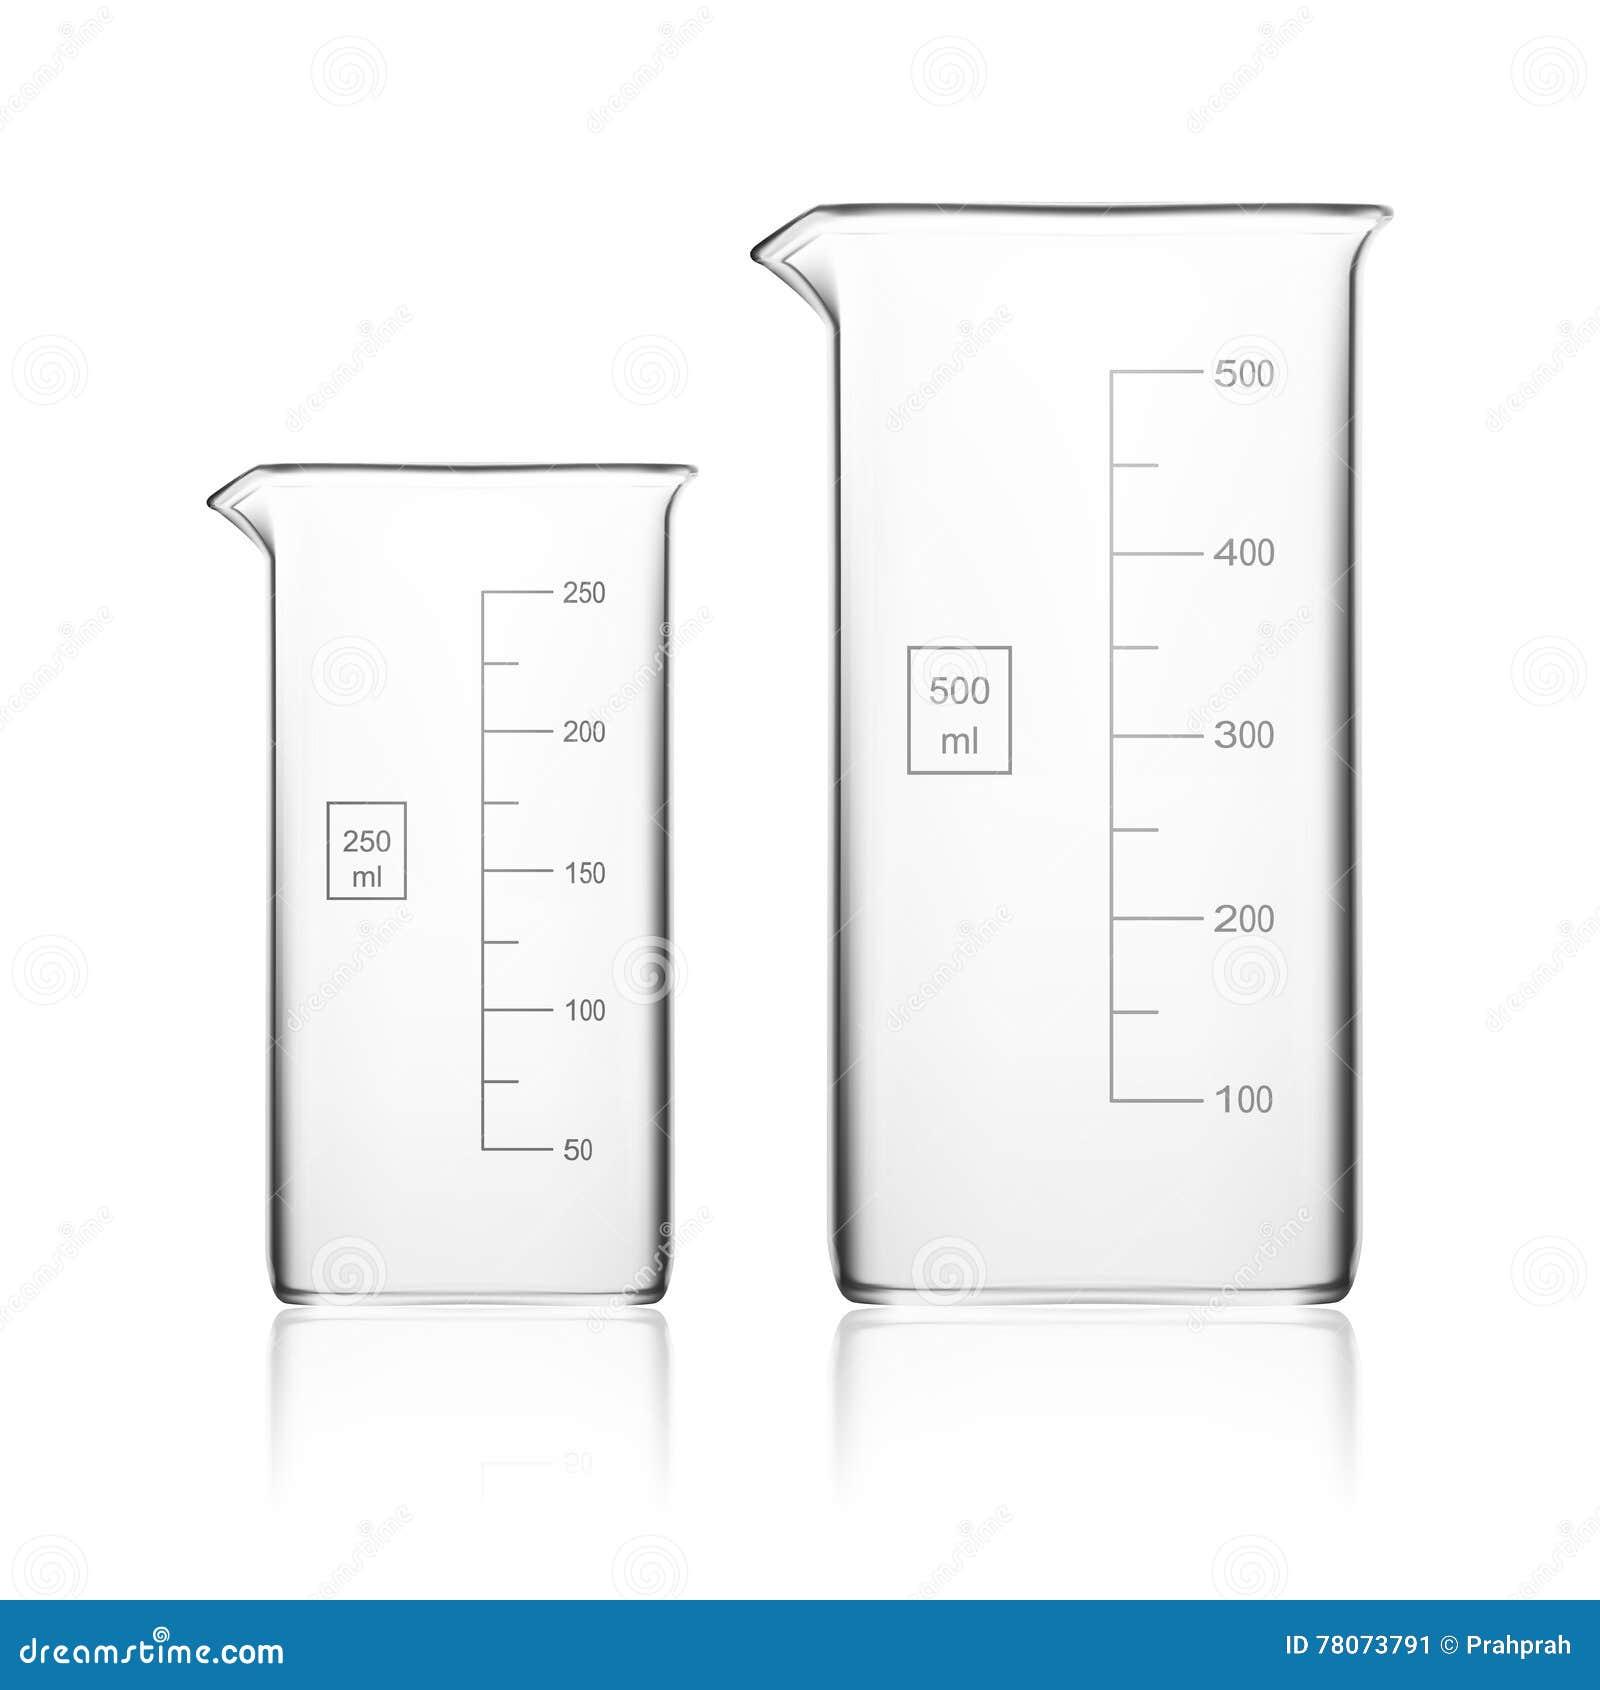 Kemisk laboratoriumglasföremål eller dryckeskärl Tom klar provrör för Glass utrustning